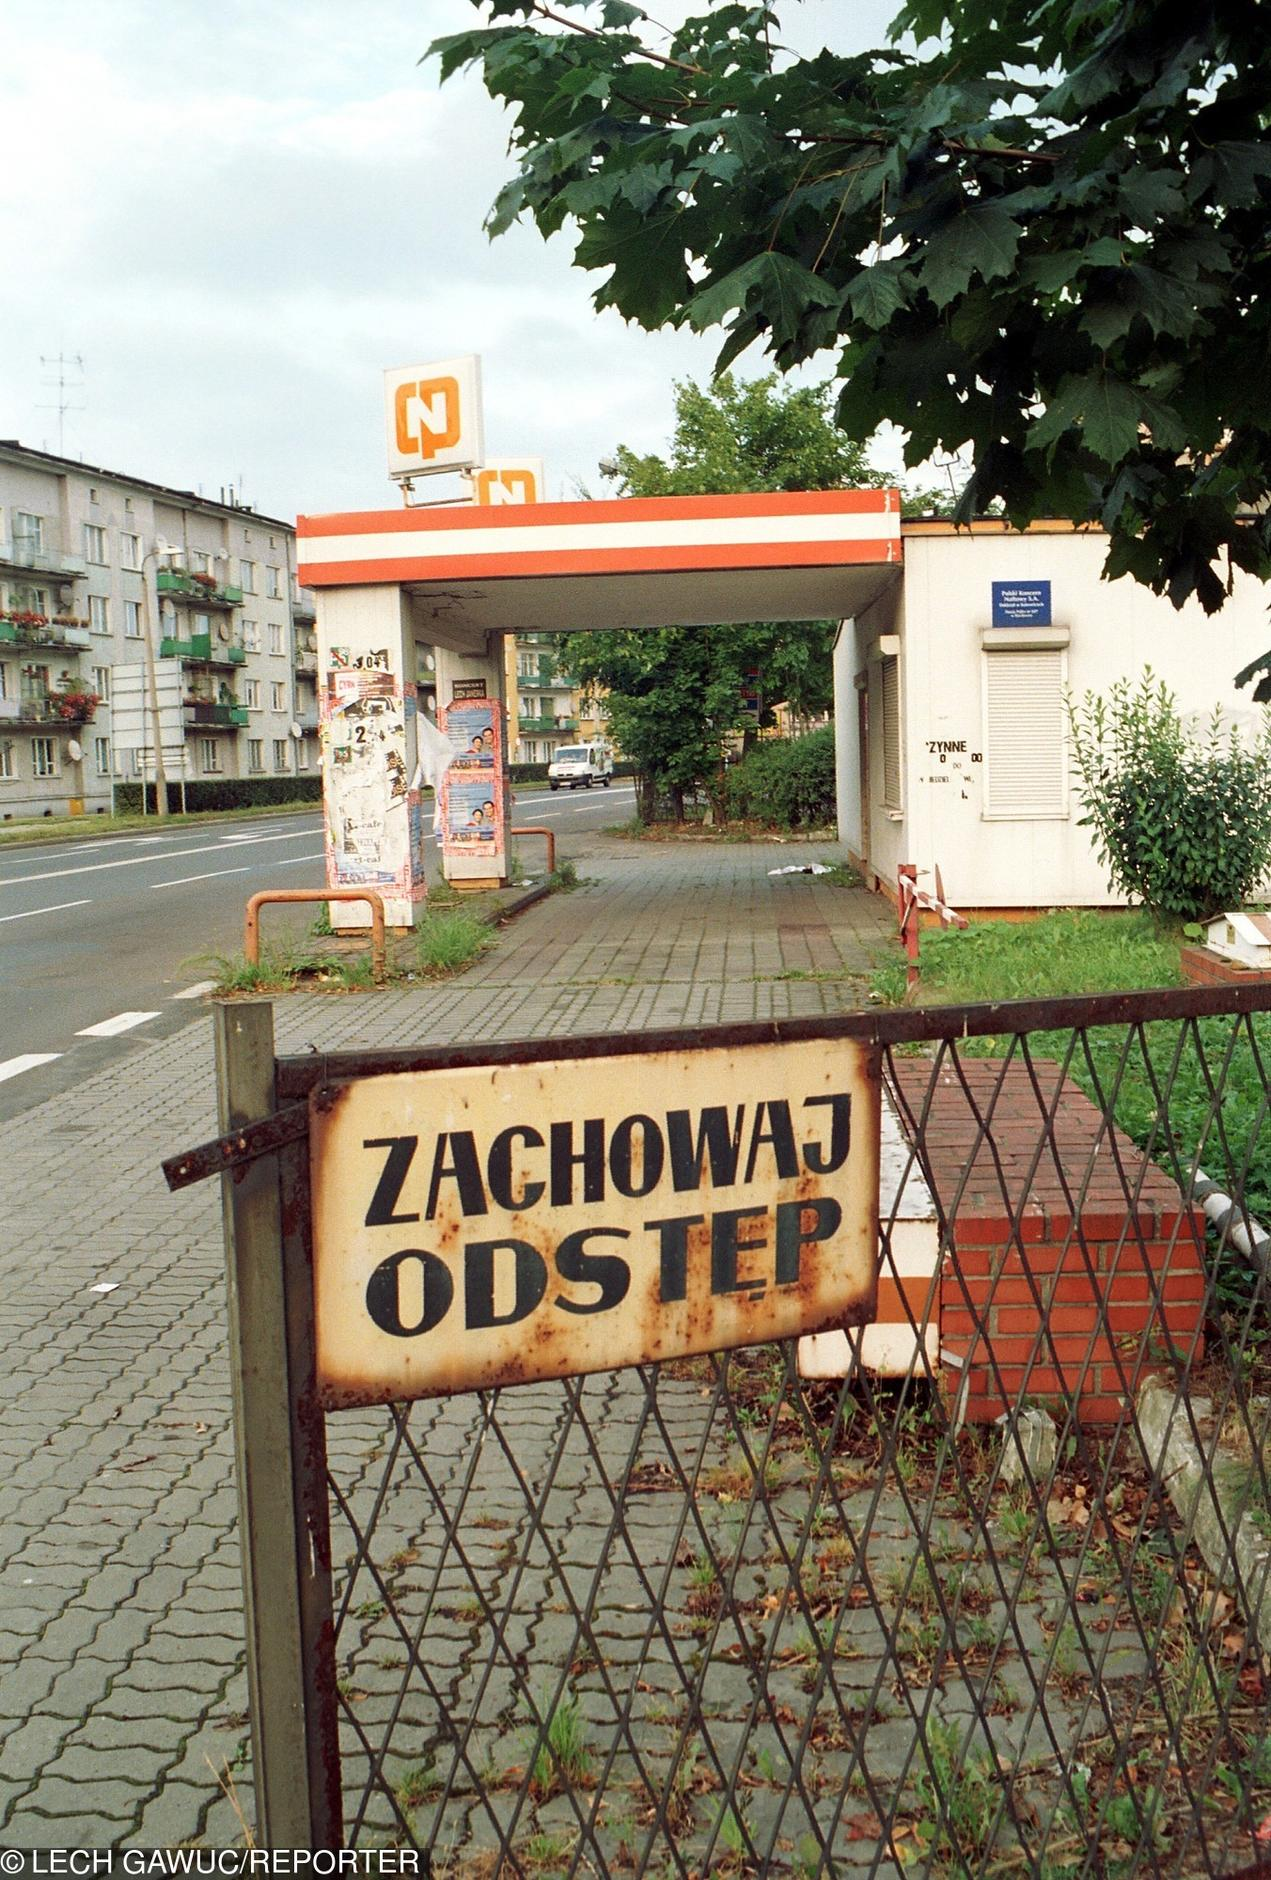 PKN Orlen uruchomi w Warszawie stację CPN. Reakacja na próby przejęcia praw do logotypu